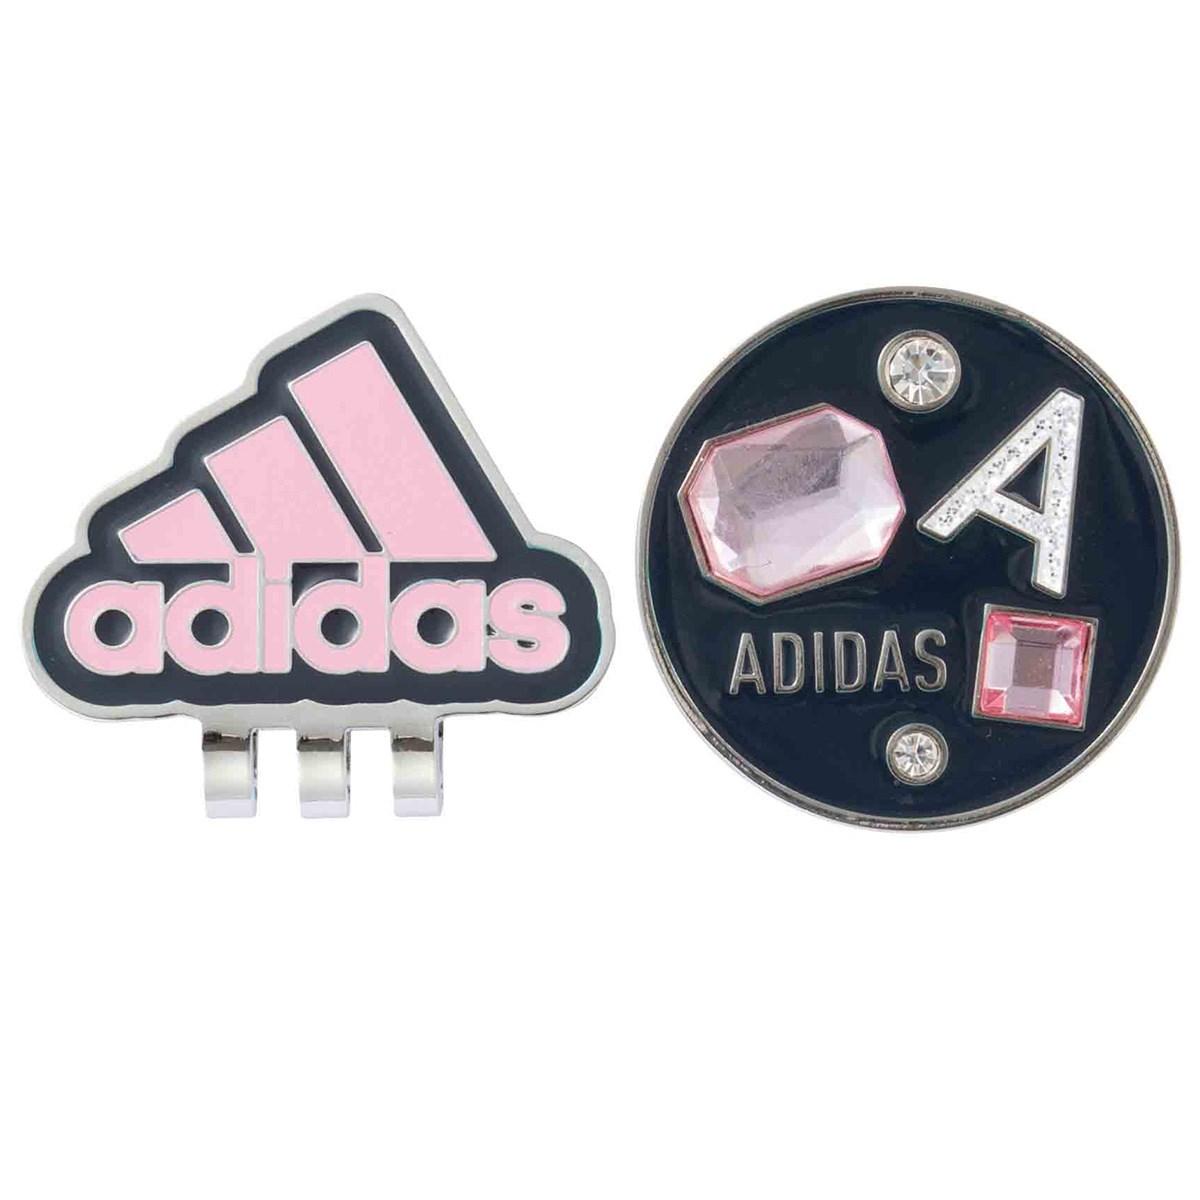 アディダス(adidas) ストーンクリップマーカー